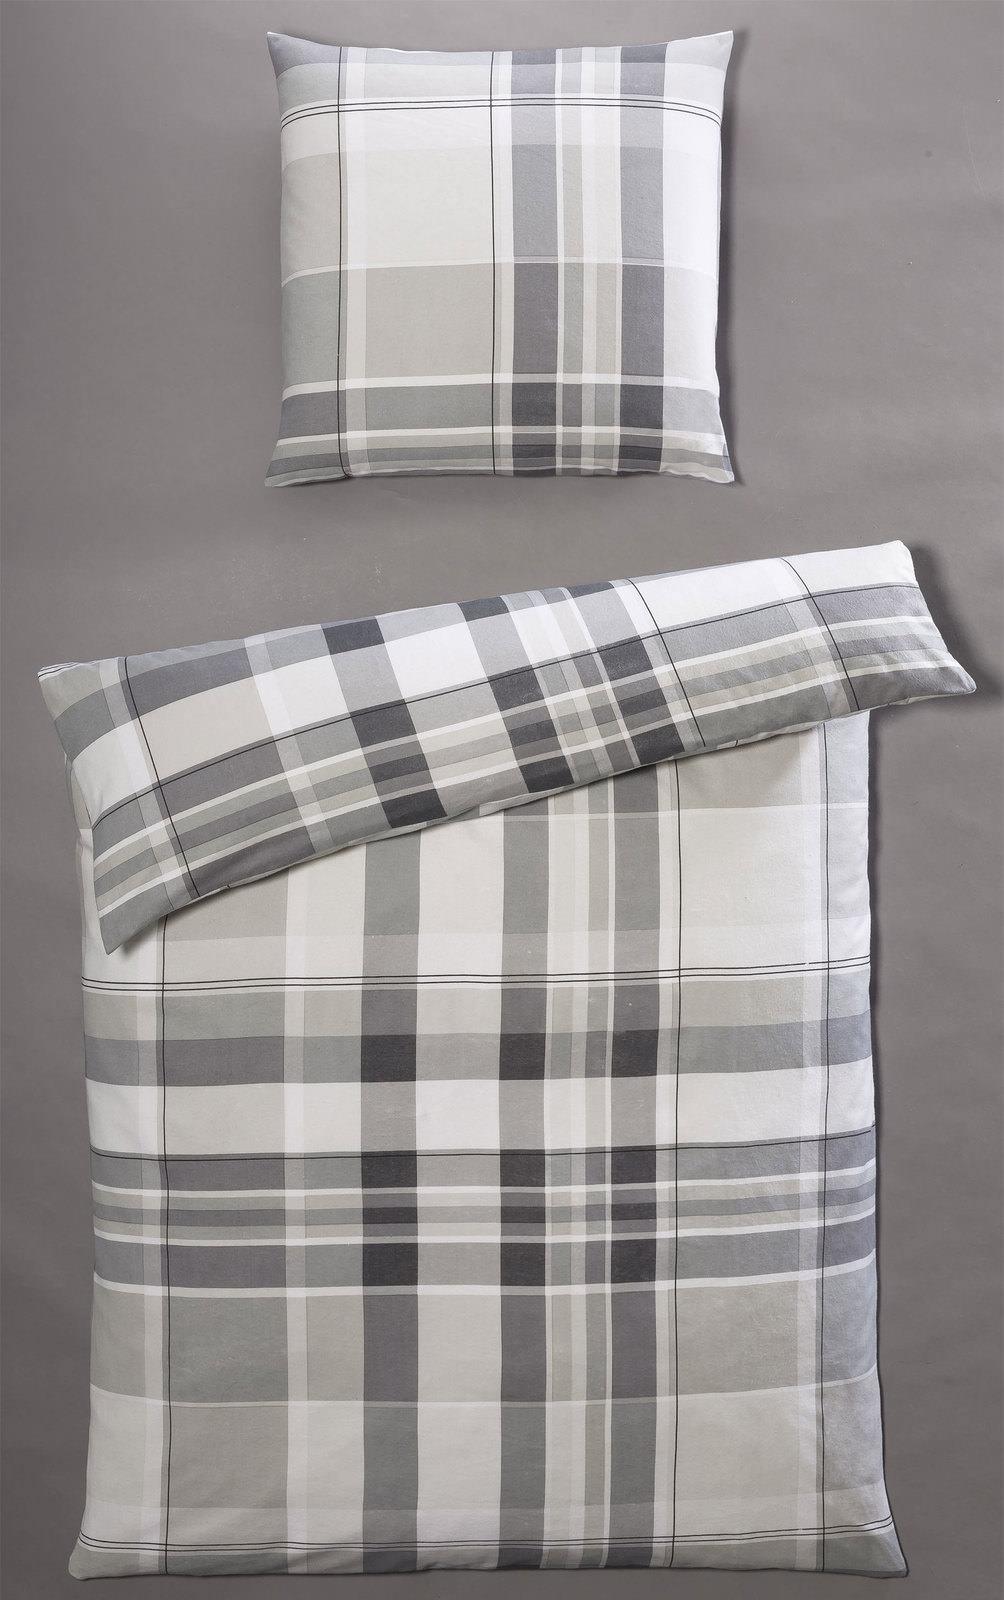 casa nova casa nova flanell bettw sche online entdecken knuffmann ihr m belhaus. Black Bedroom Furniture Sets. Home Design Ideas